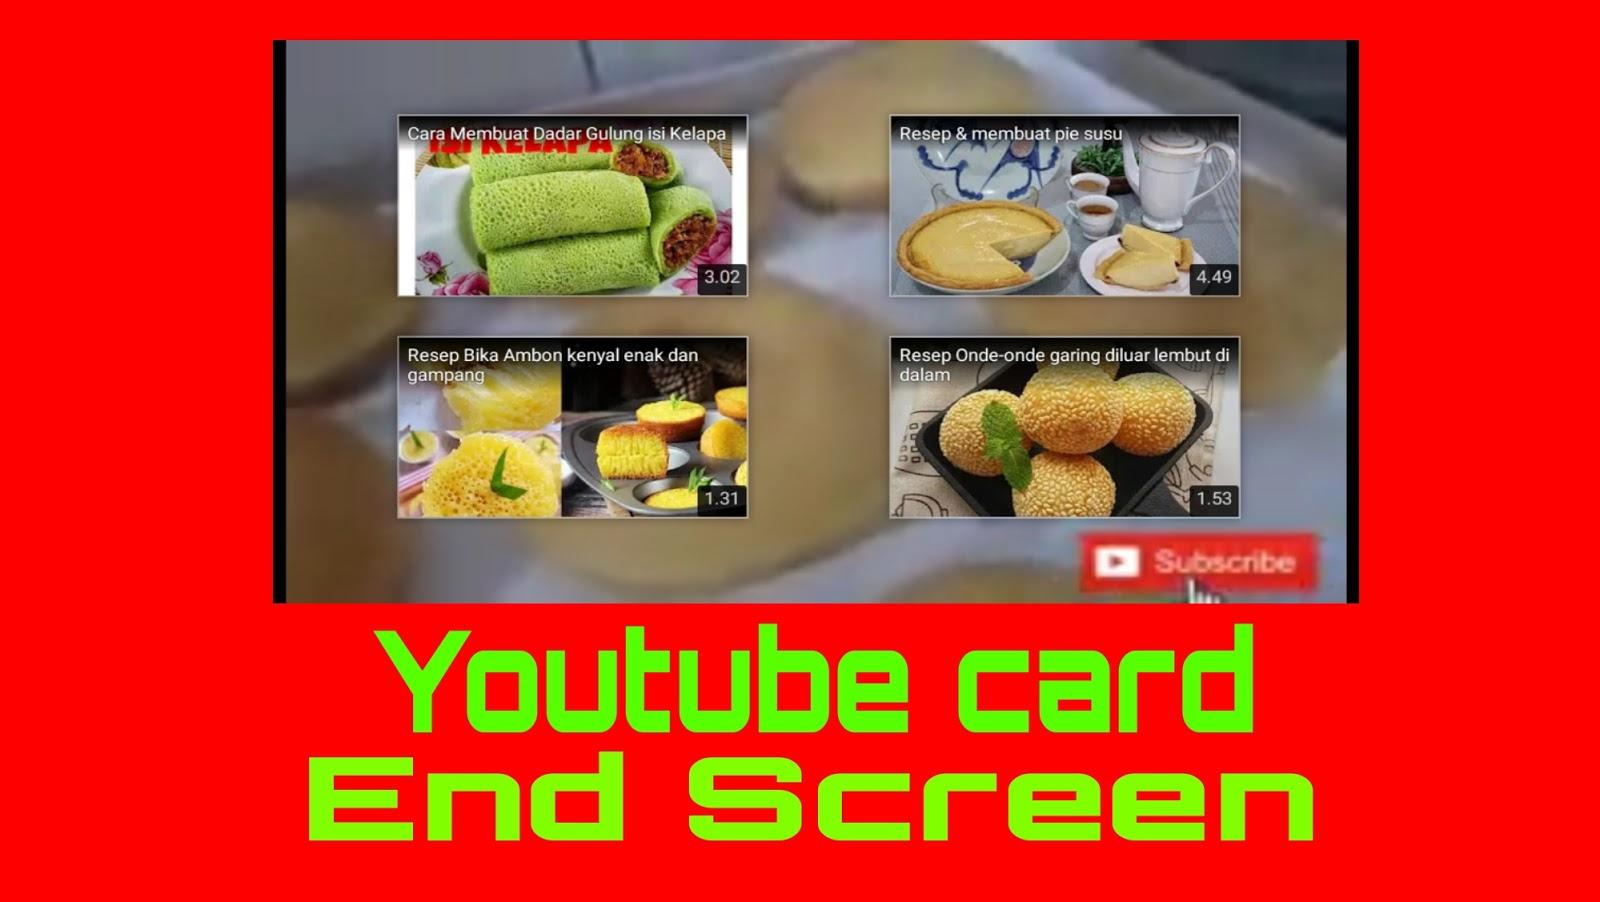 Cara Aktifkan Kartu Layar Akhir Atau End Screen Pada Video Youtube